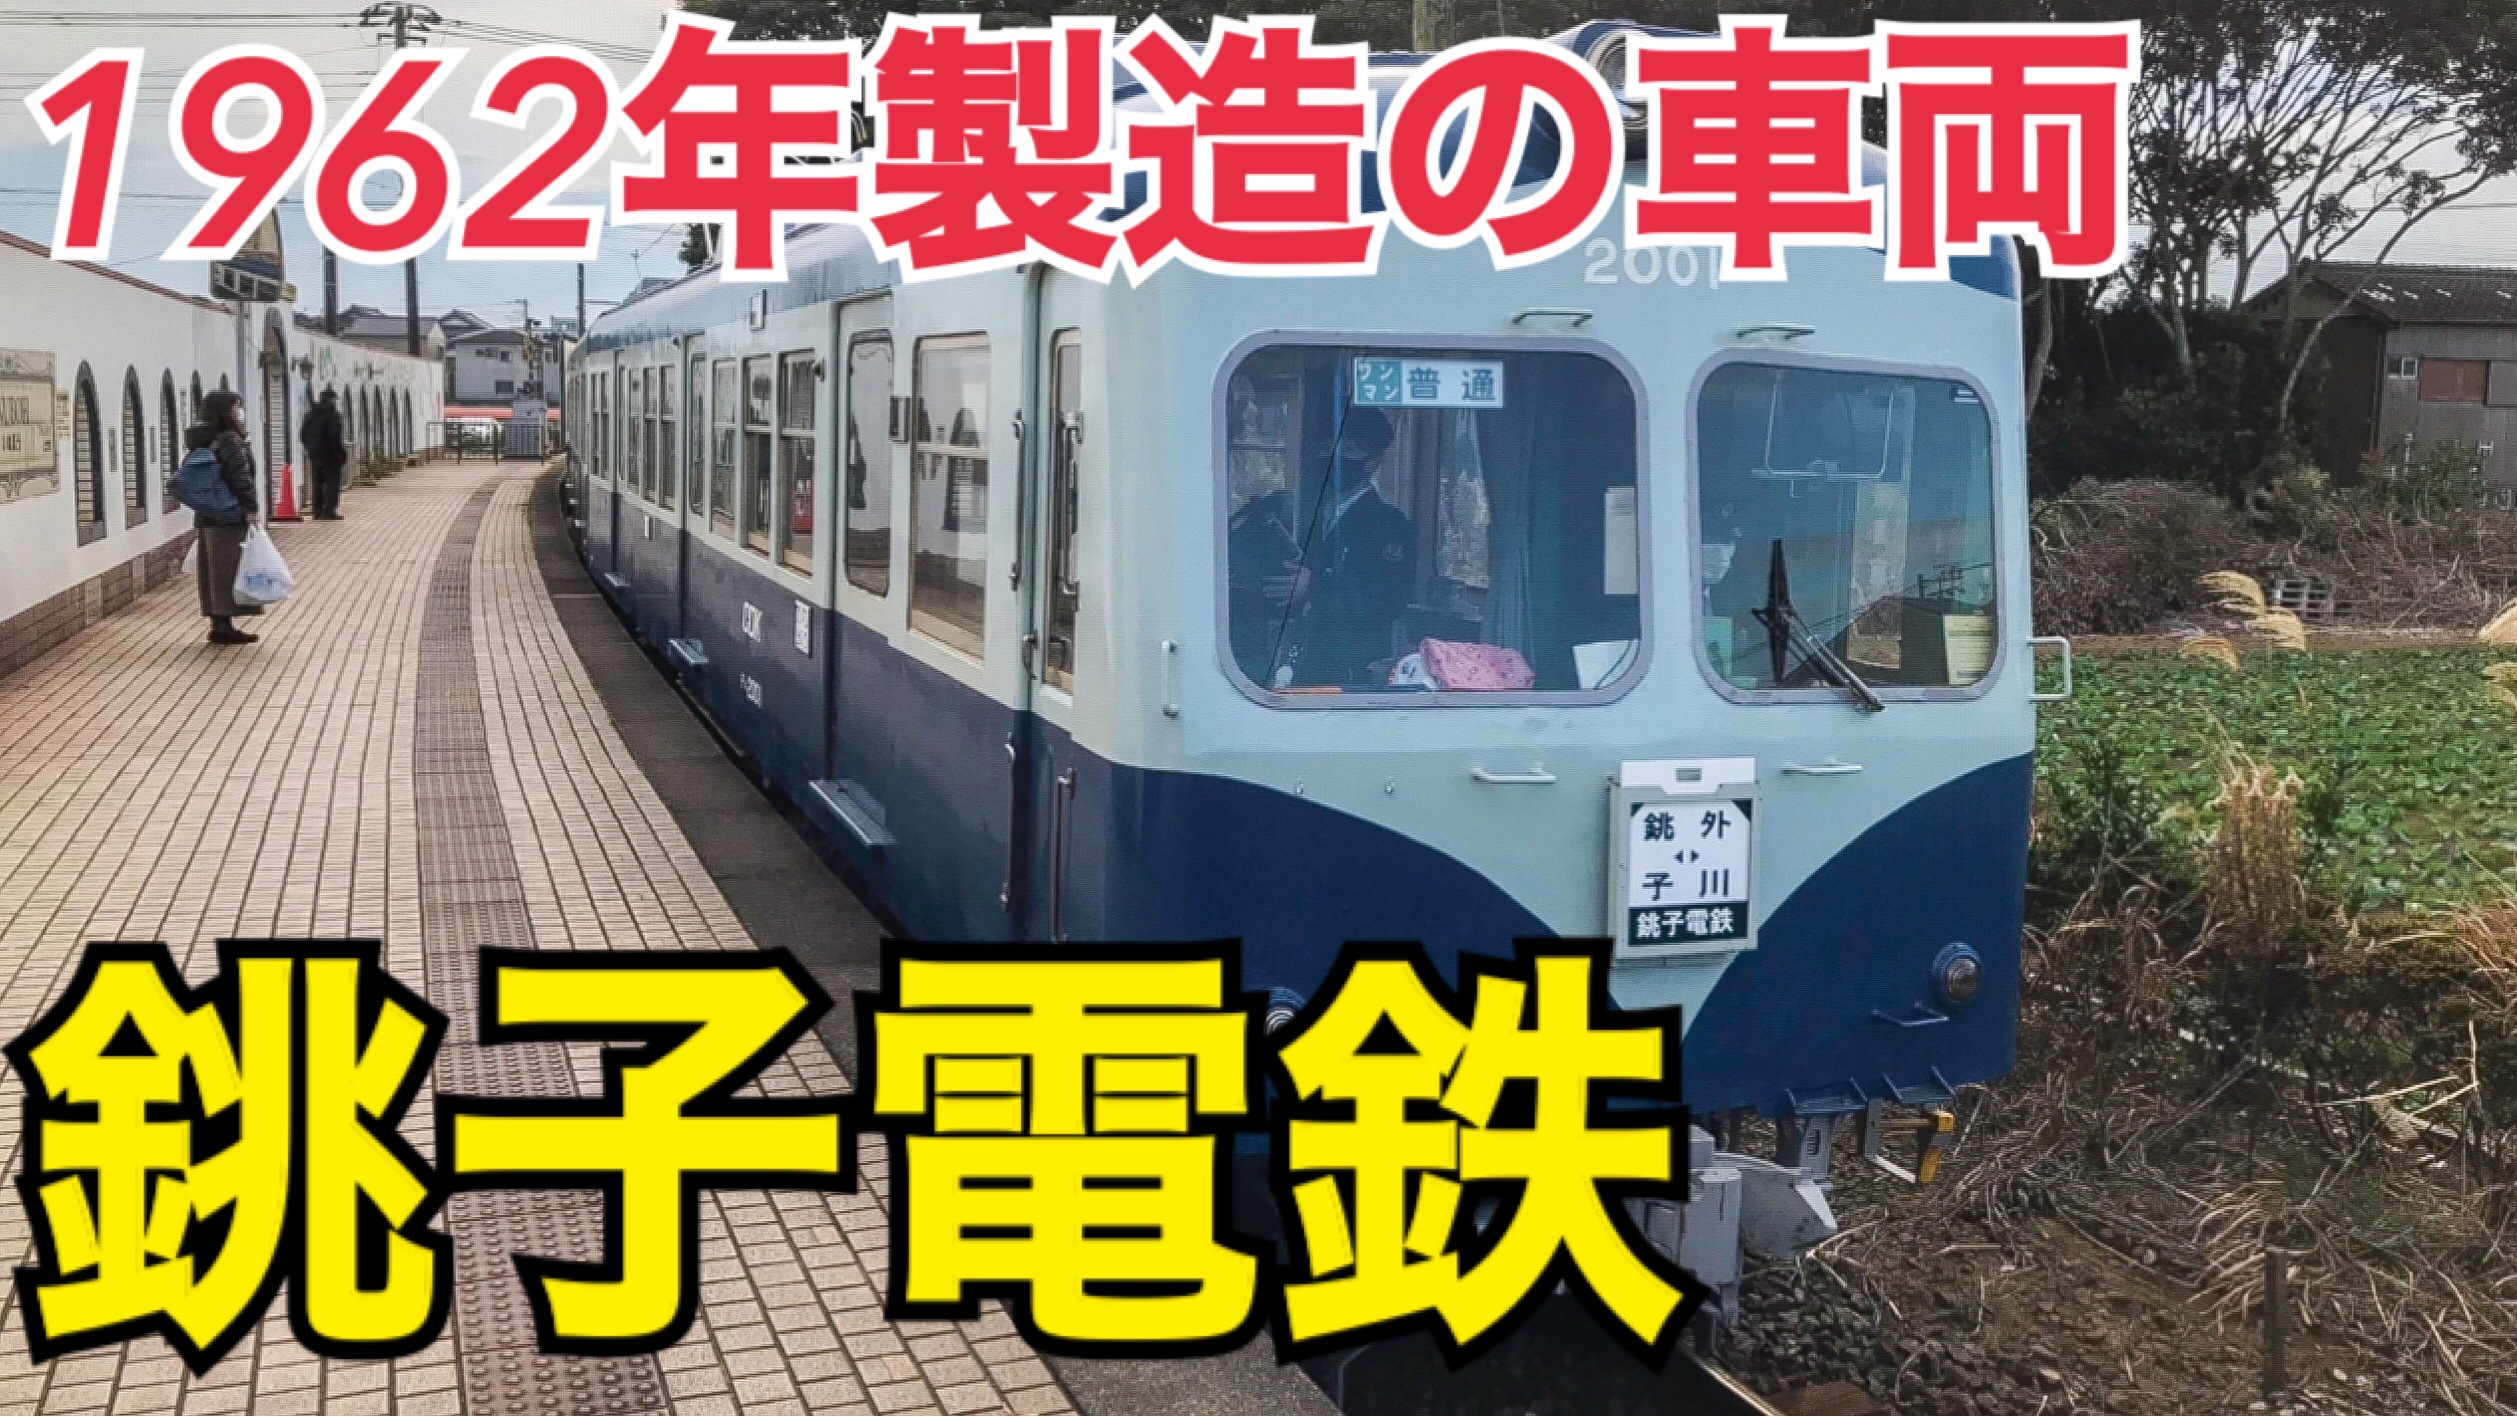 赤字です!古い車両が活躍する銚子電鉄乗車記 駅名がすごいことになってる!?【関東満喫の旅】